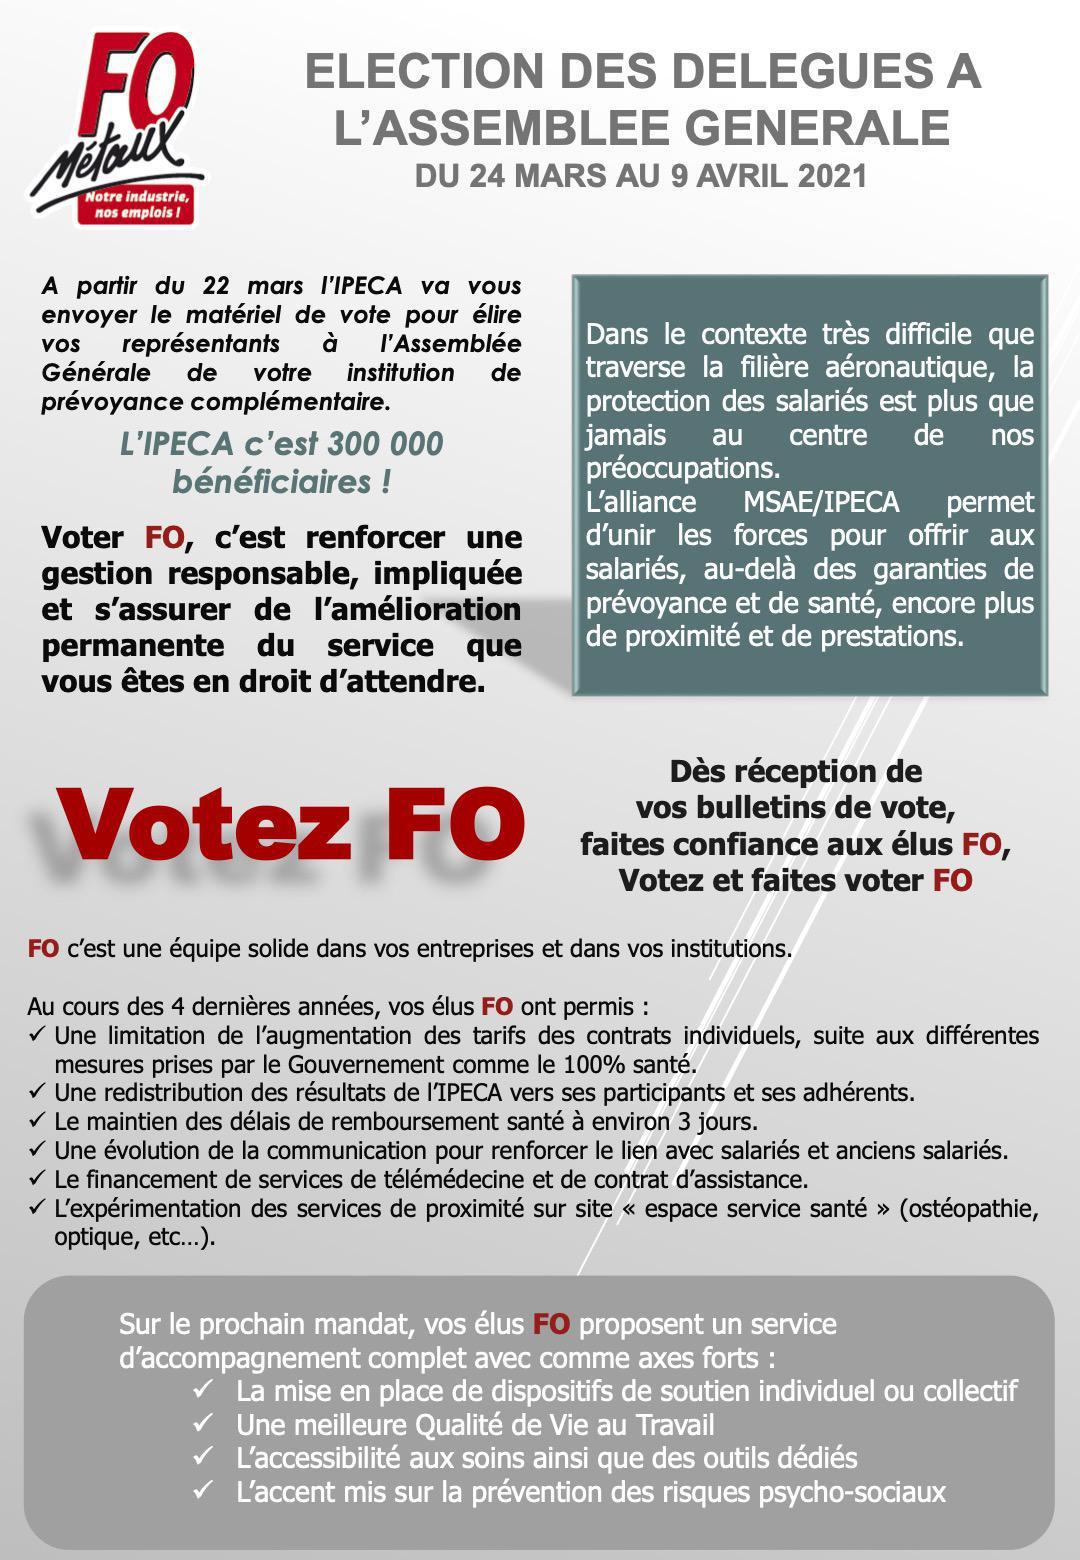 IPECA : Elections des délégués à l'assemblée générale